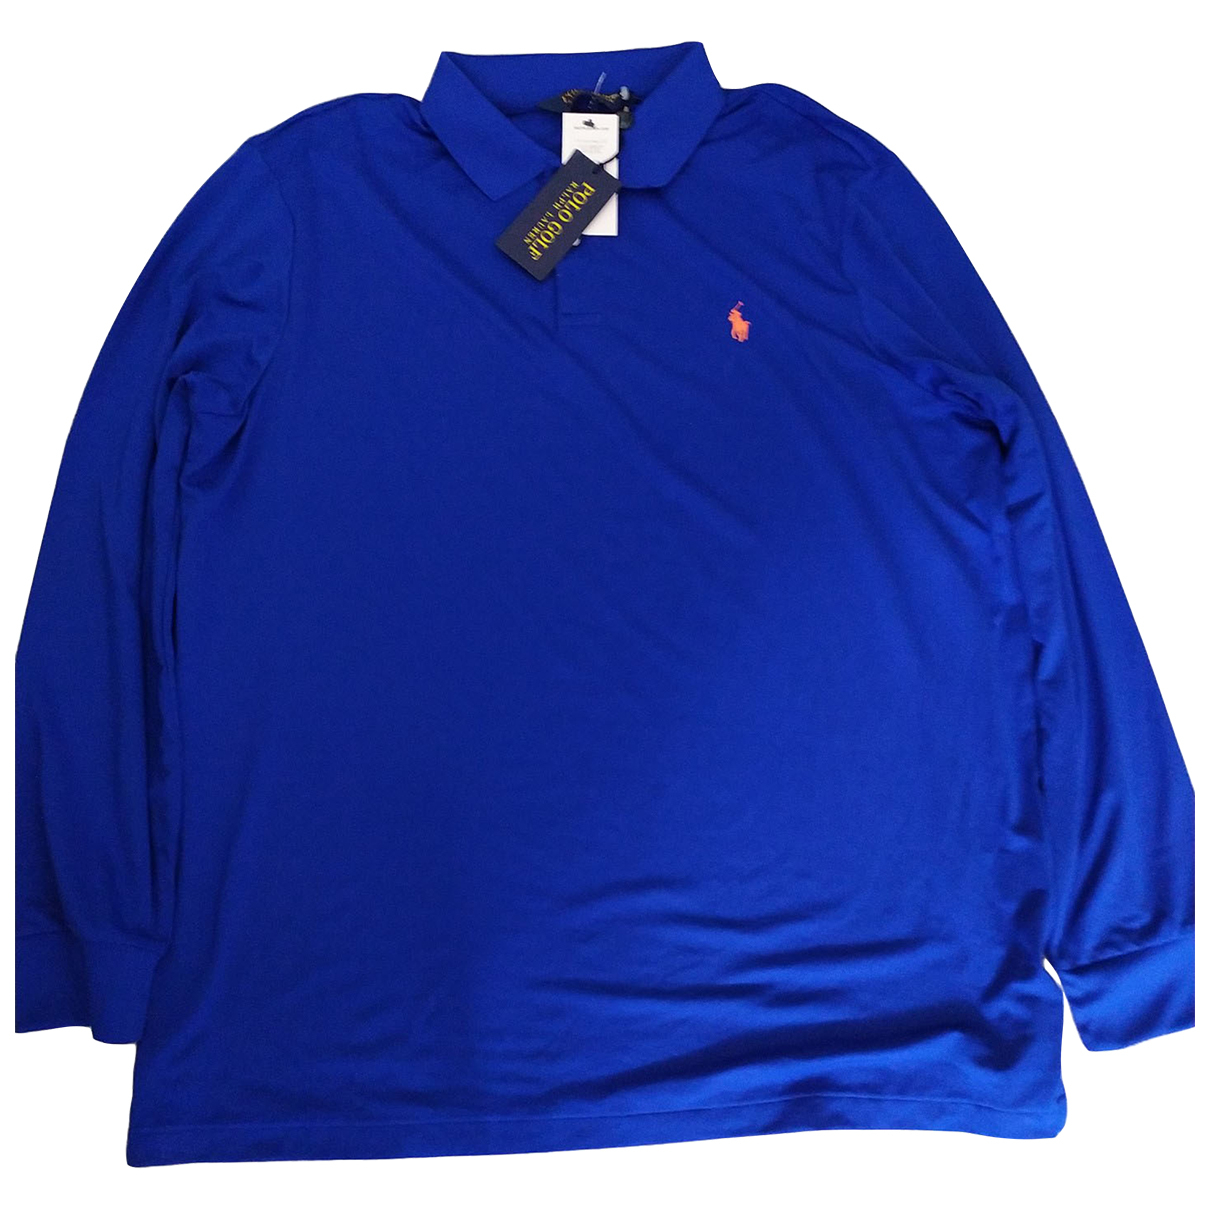 Polo Ralph Lauren - Polos   pour homme - bleu